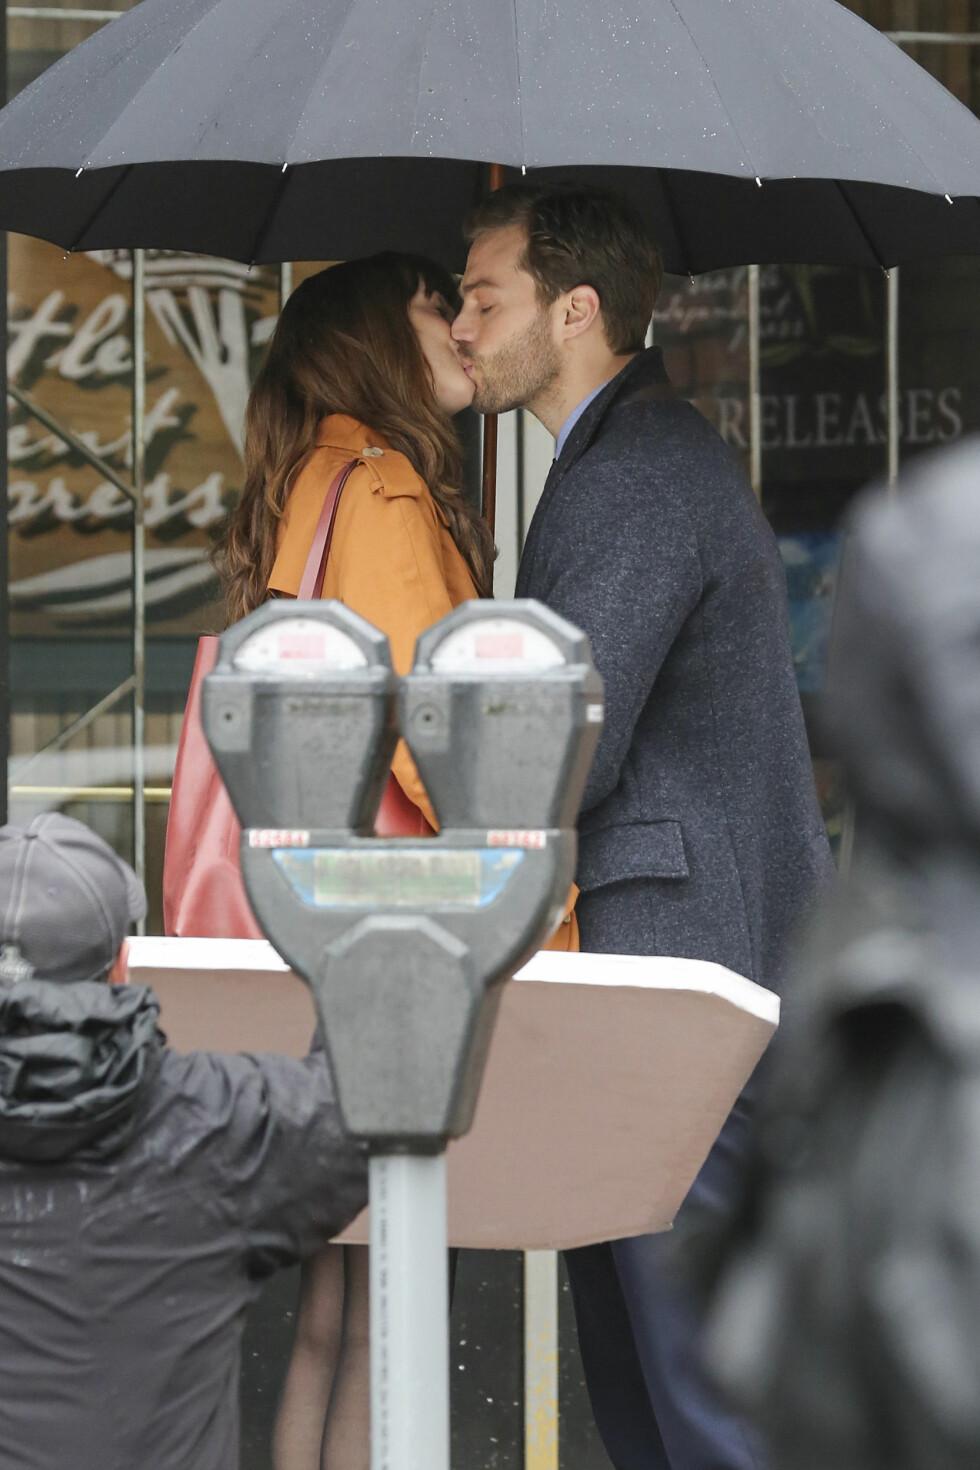 ROMANTIKK I LUFTEN: Det ser ut som om Anastasia og Christian fortsatt har en god tone i den nye filmen.   Foto: Splash News